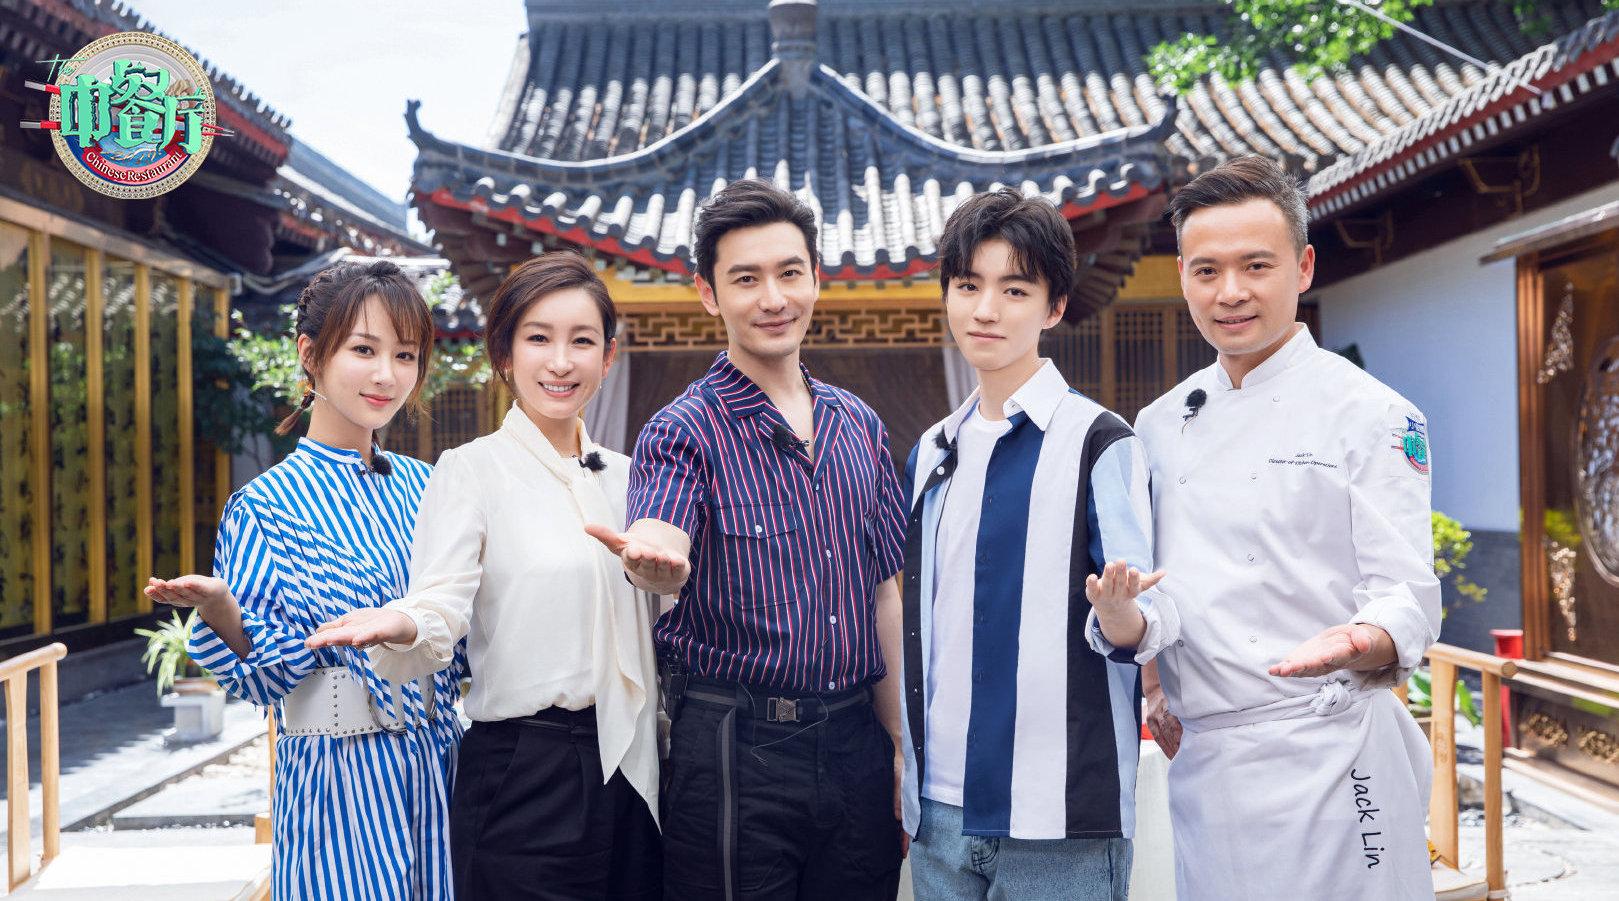 第三季个人宣传片合集黄晓明 秦海璐 王俊凯 杨紫 林述巍7月26日起